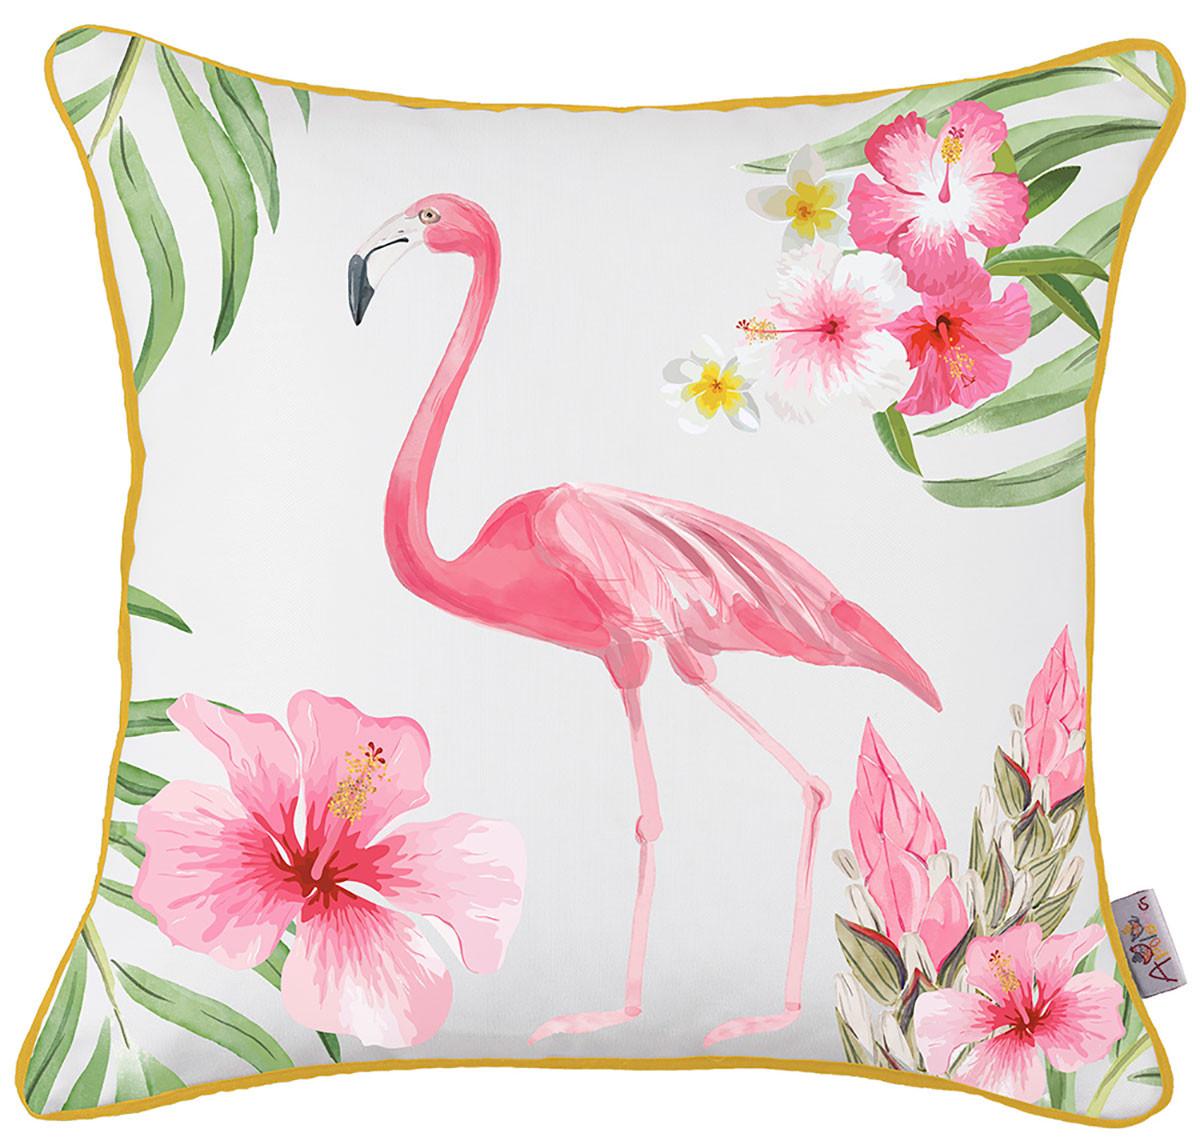 Διακοσμητική Μαξιλαροθήκη Apolena Flamingo Rose 702-5895/1